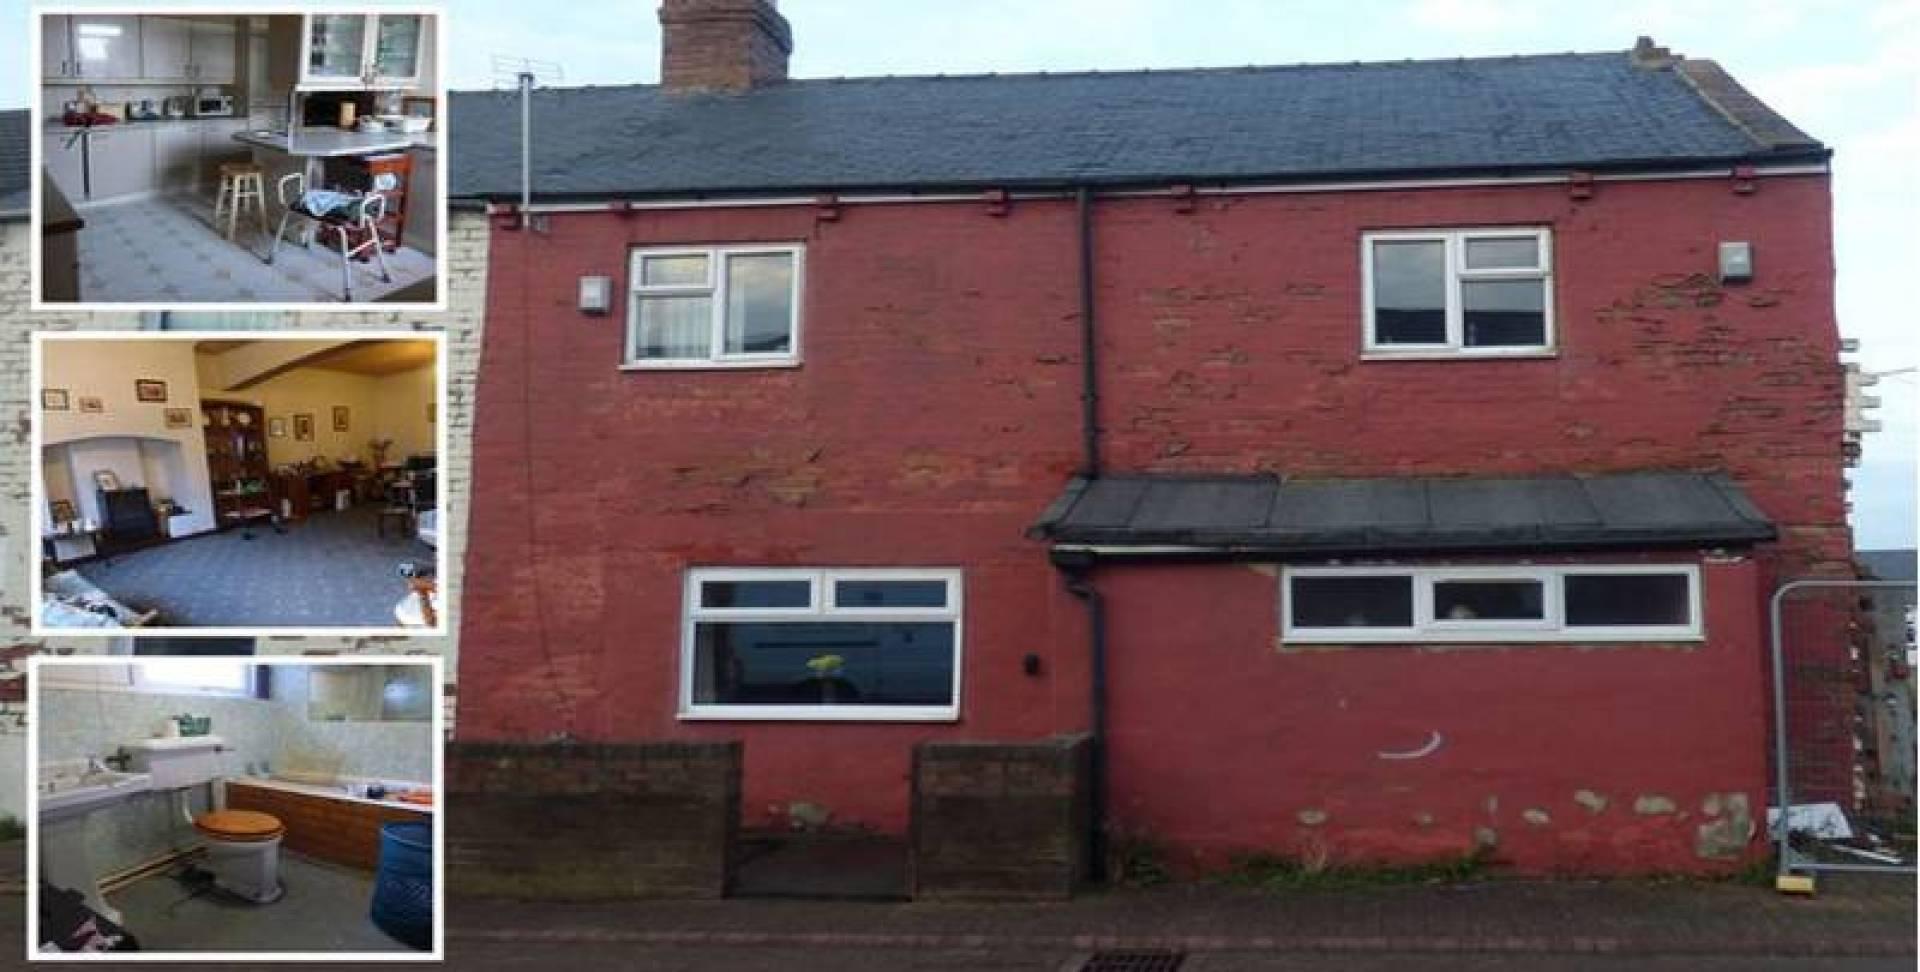 منزل للبيع في بريطانيا بسعر 500 جنيه إسترليني.. فقط